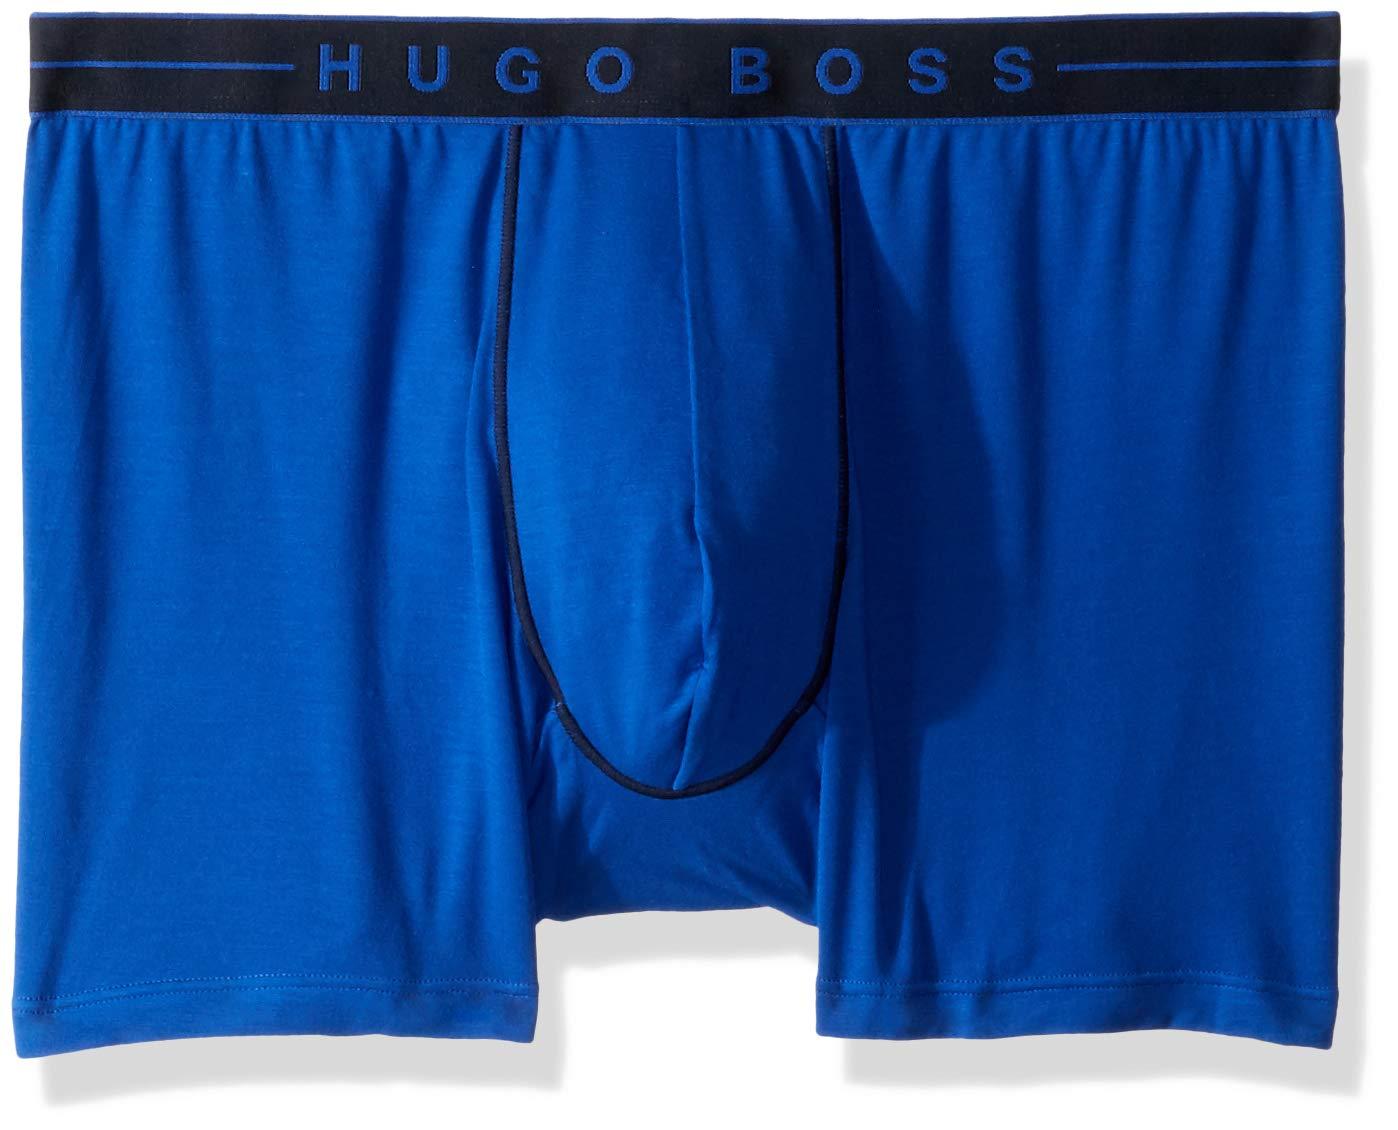 Hugo Boss BOSS Men's Boxer Brief 2tone, Multicolored, XXL